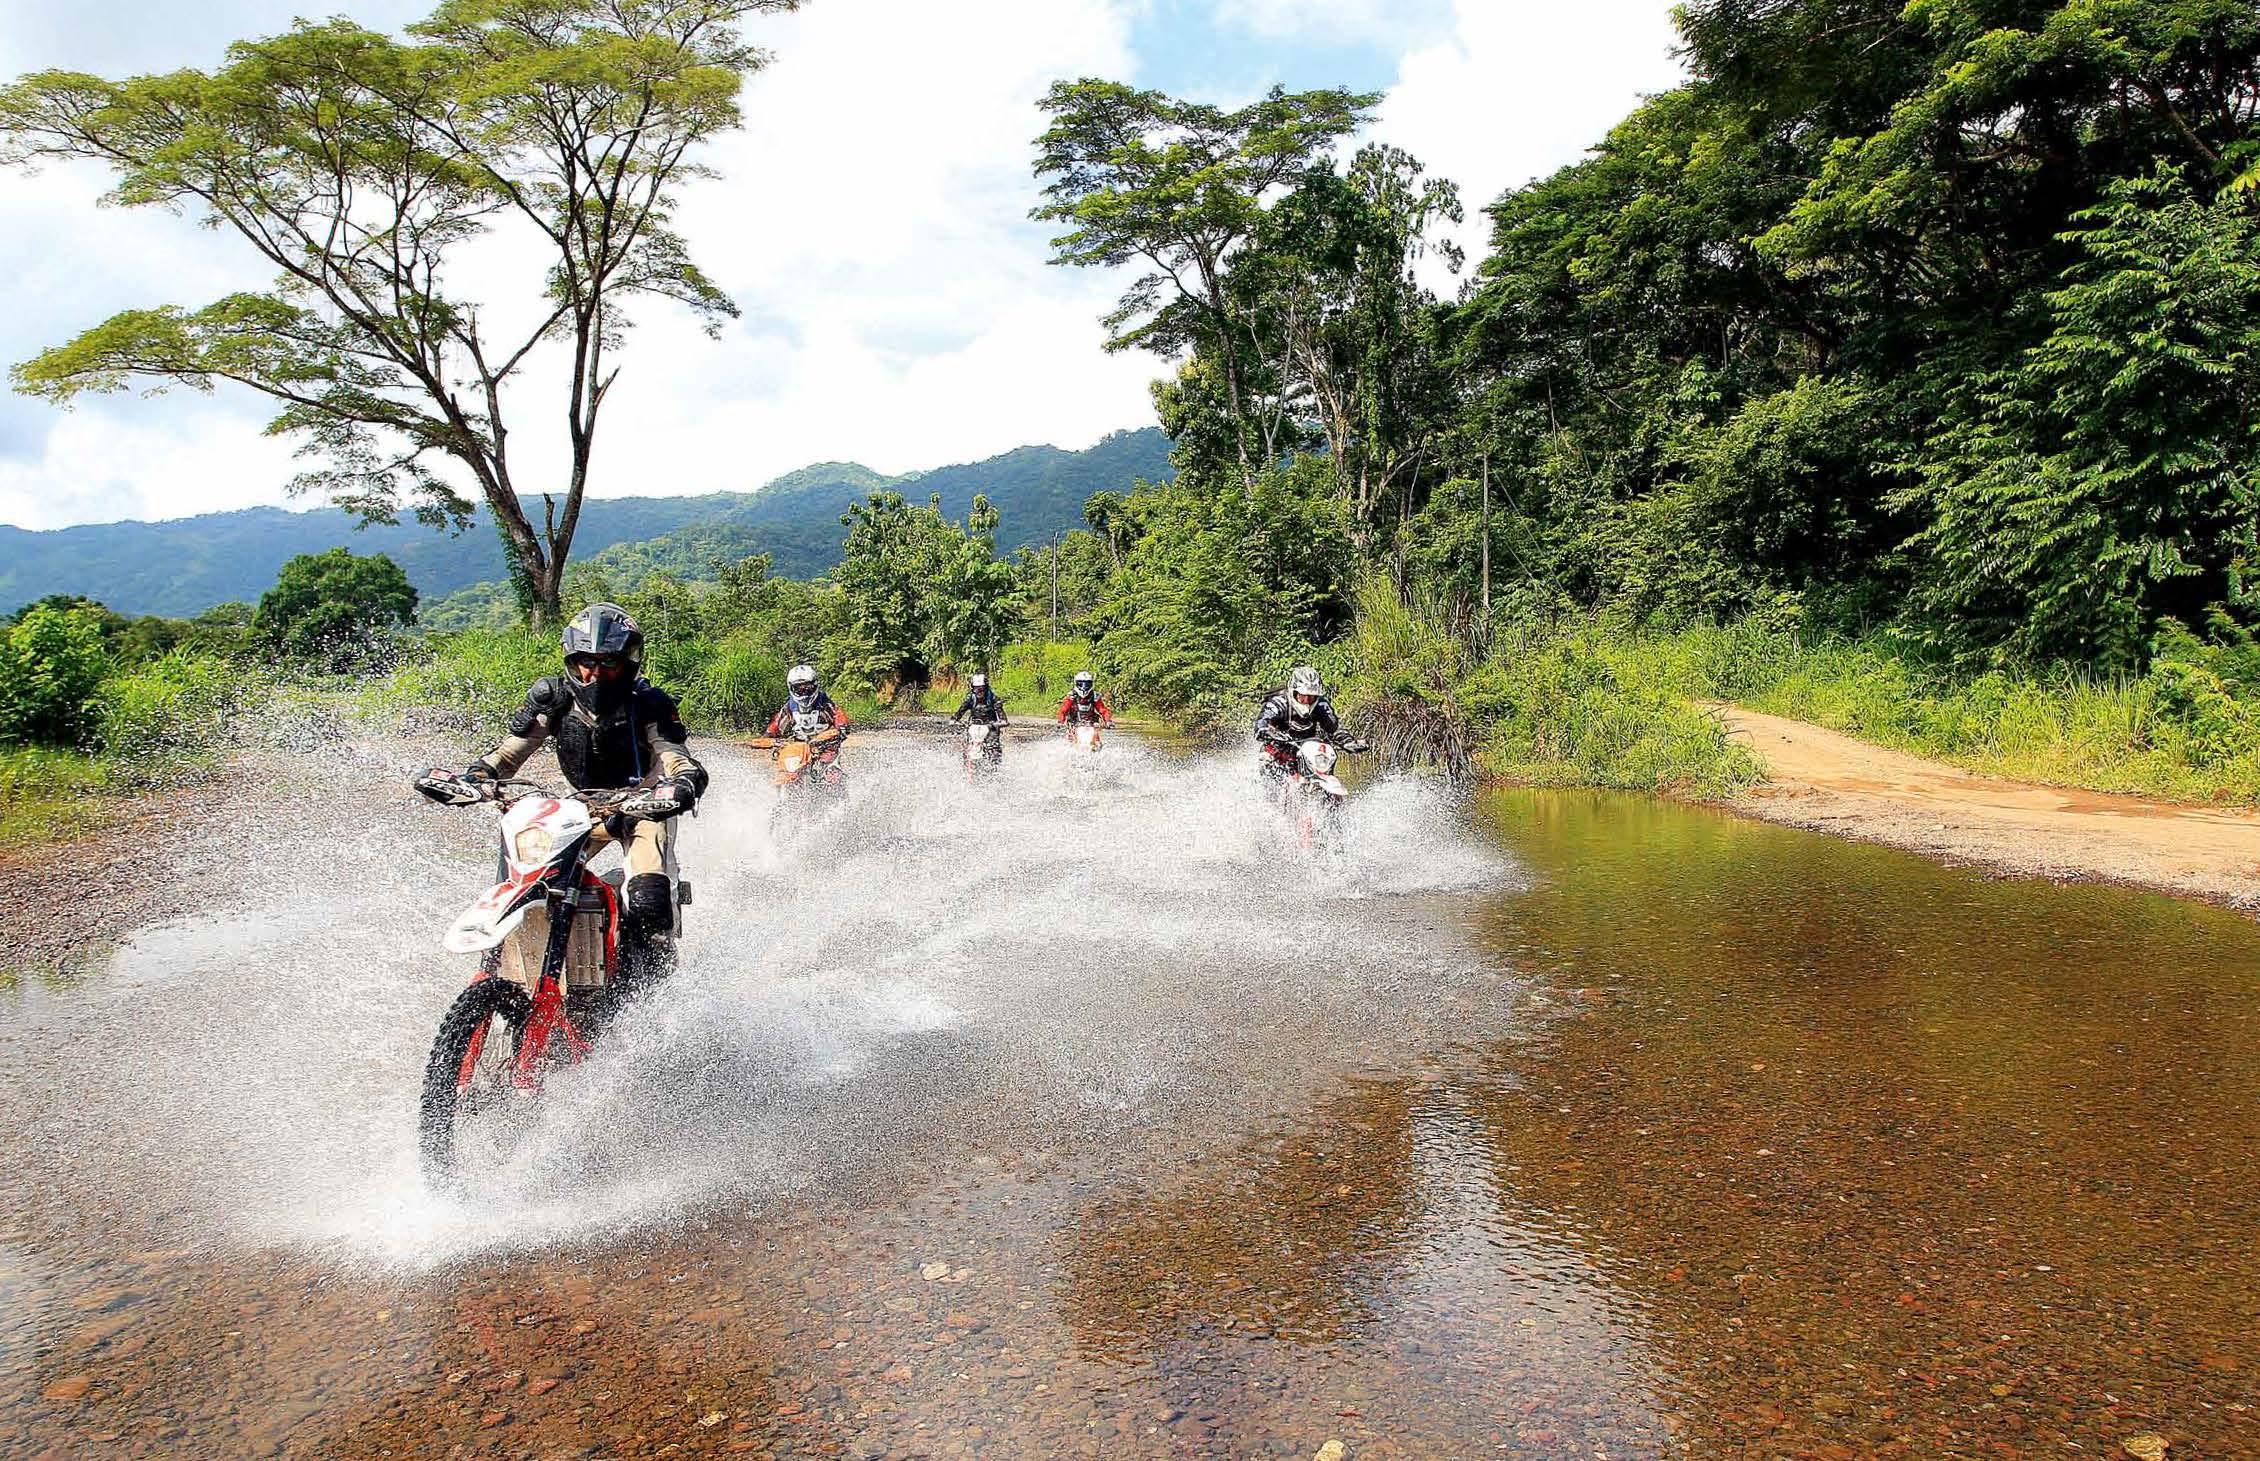 Aventure Rando Tout Terrain au Costa Rica